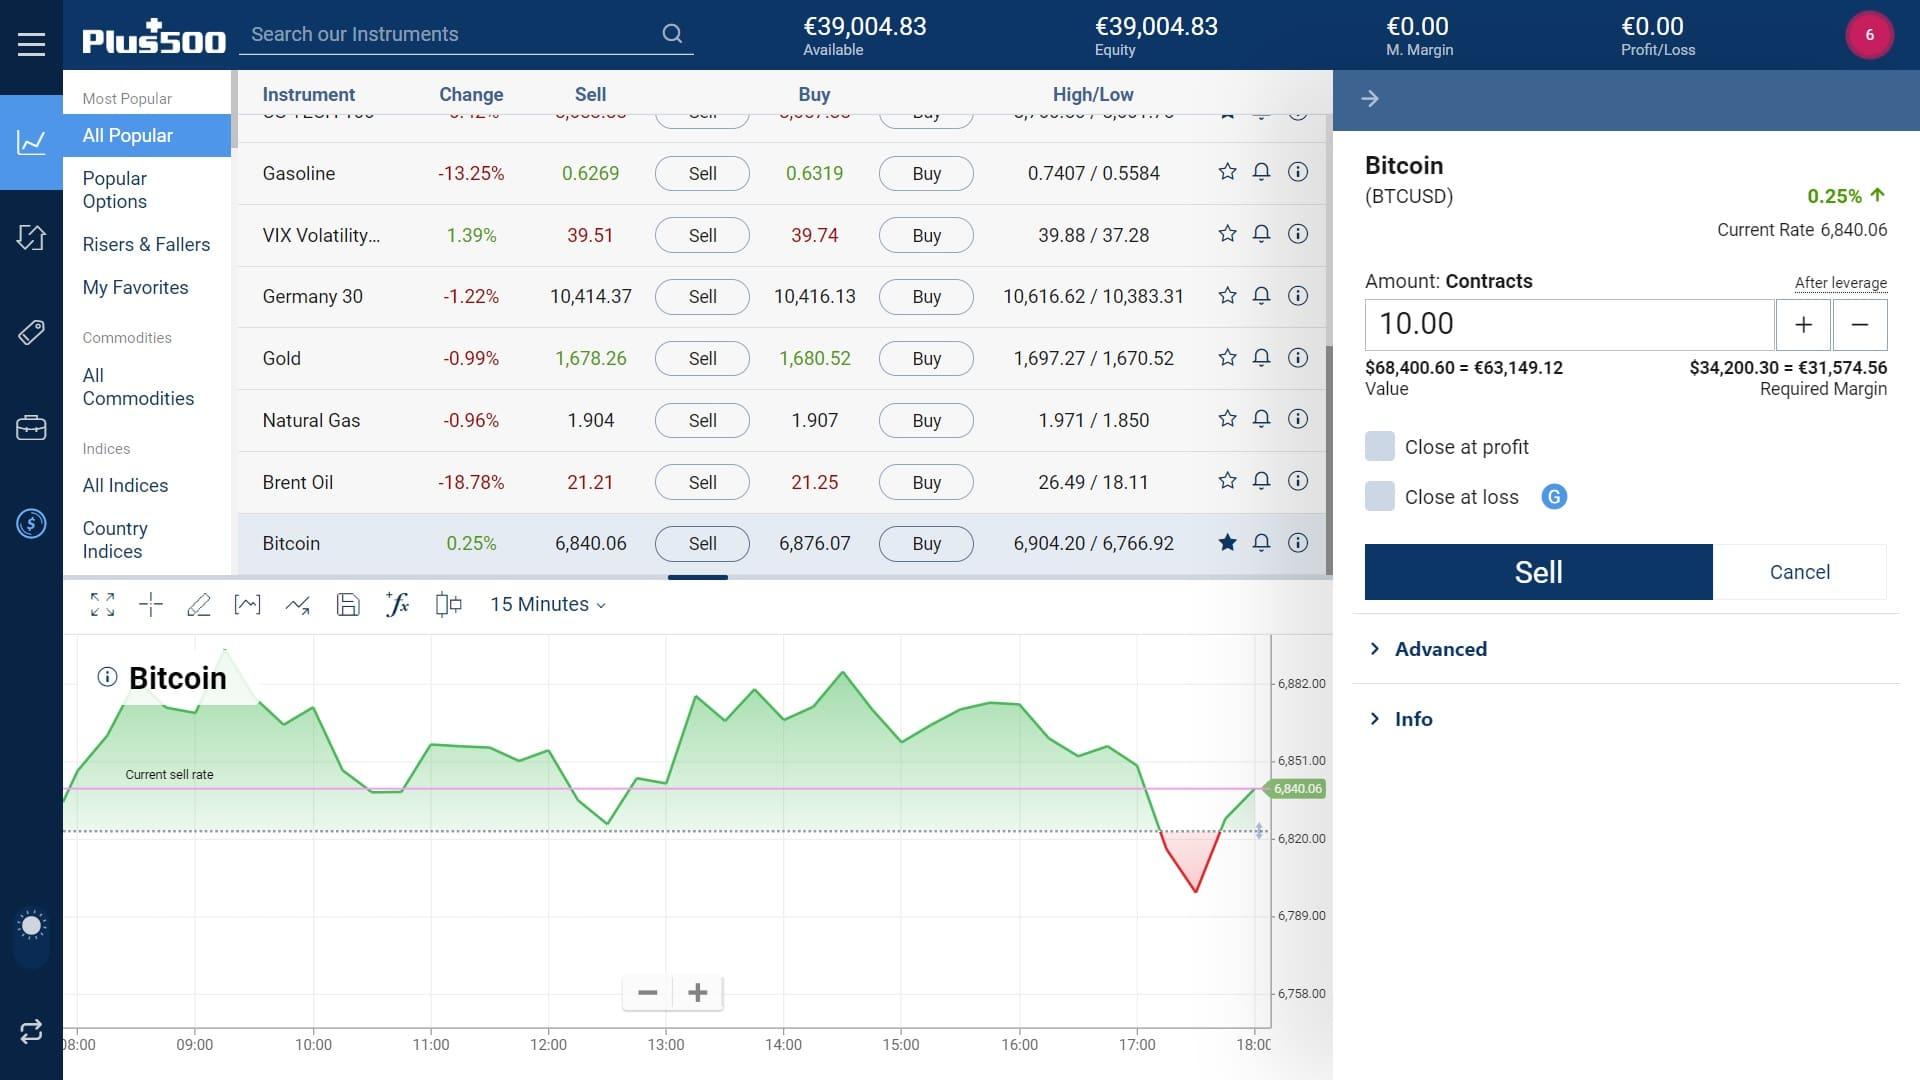 Bitcoin trading on Plus500's WebTrader platform